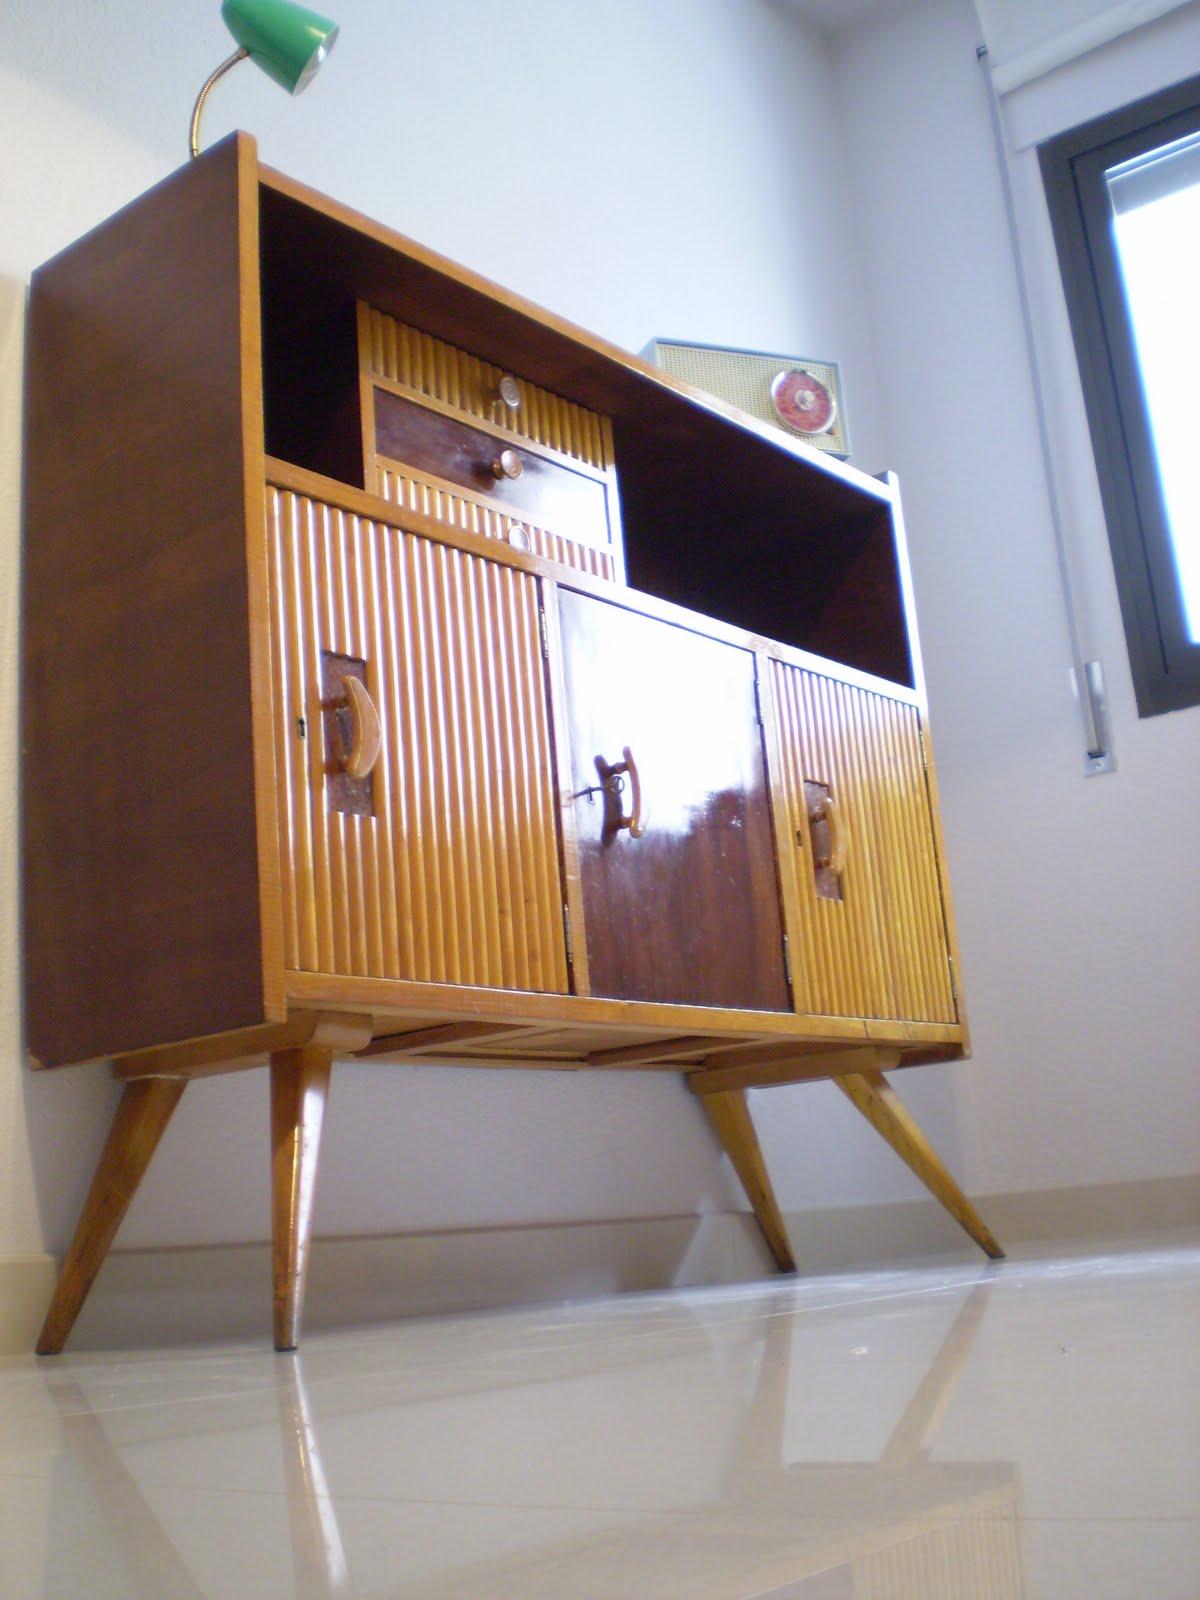 Vintager a mueble aparador a os 50 - Mueble anos 50 ...